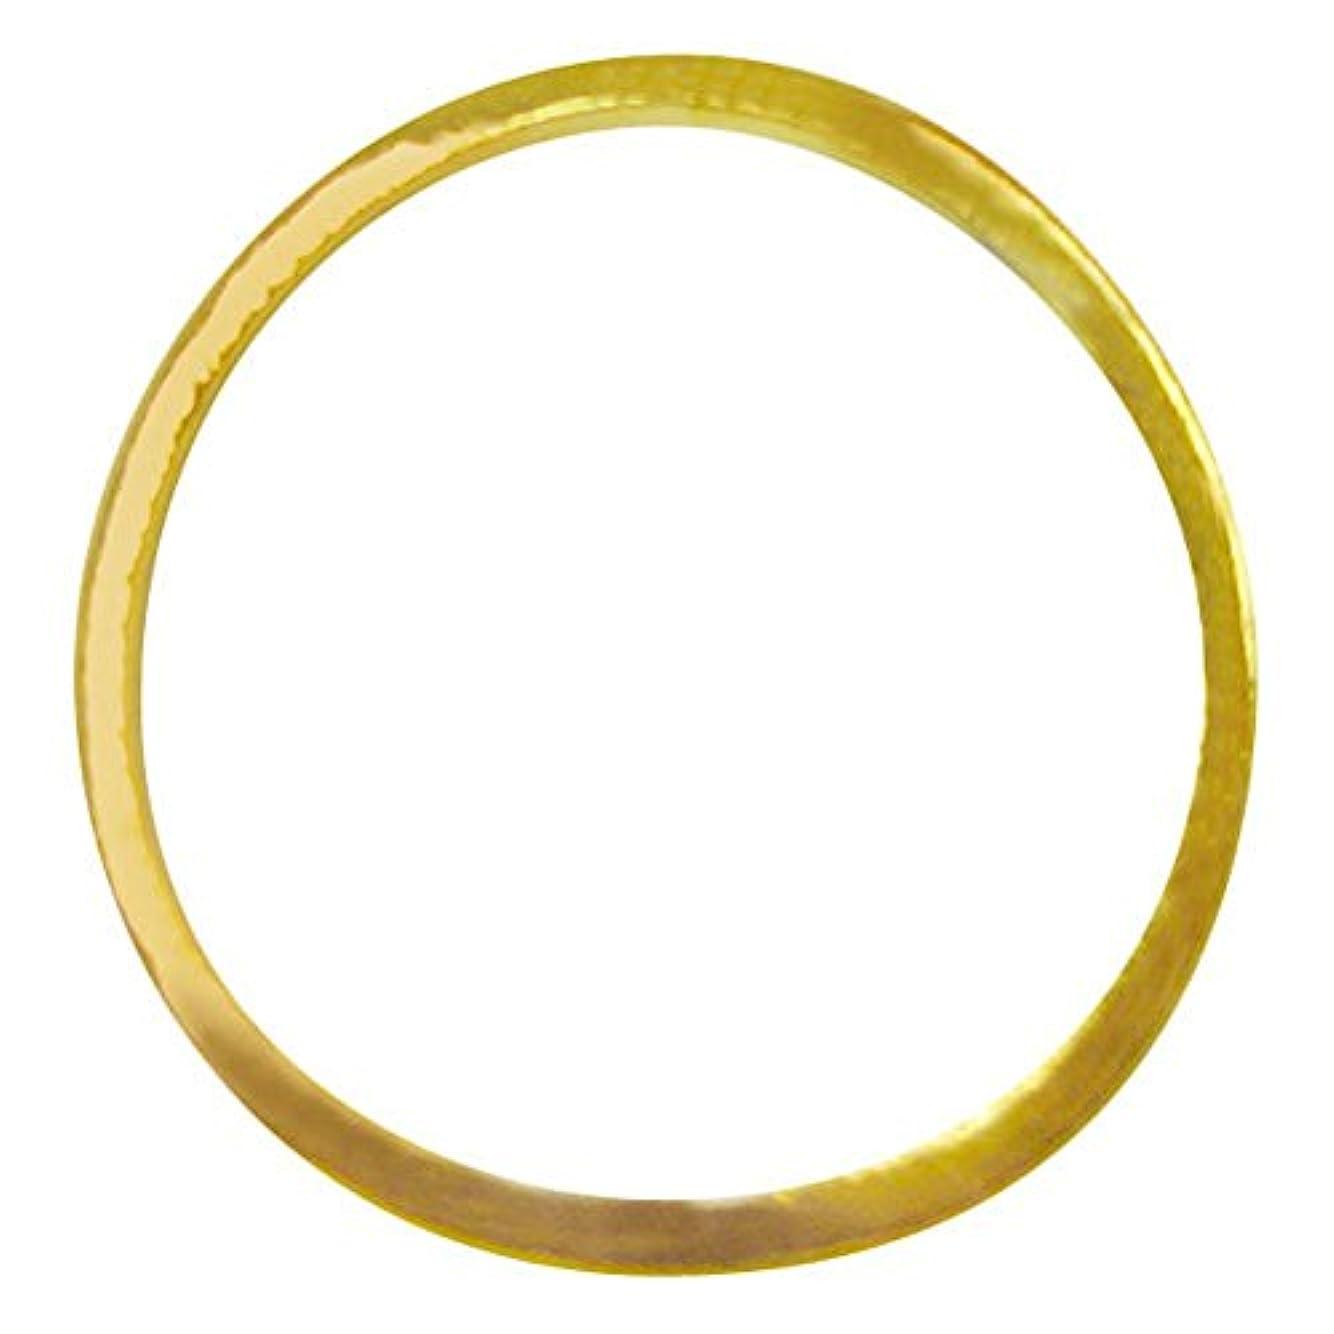 ばか岩クラウドジェルネイル  サンシャインベビー シンプル ラウンドフレームL(ゴールド) 10P